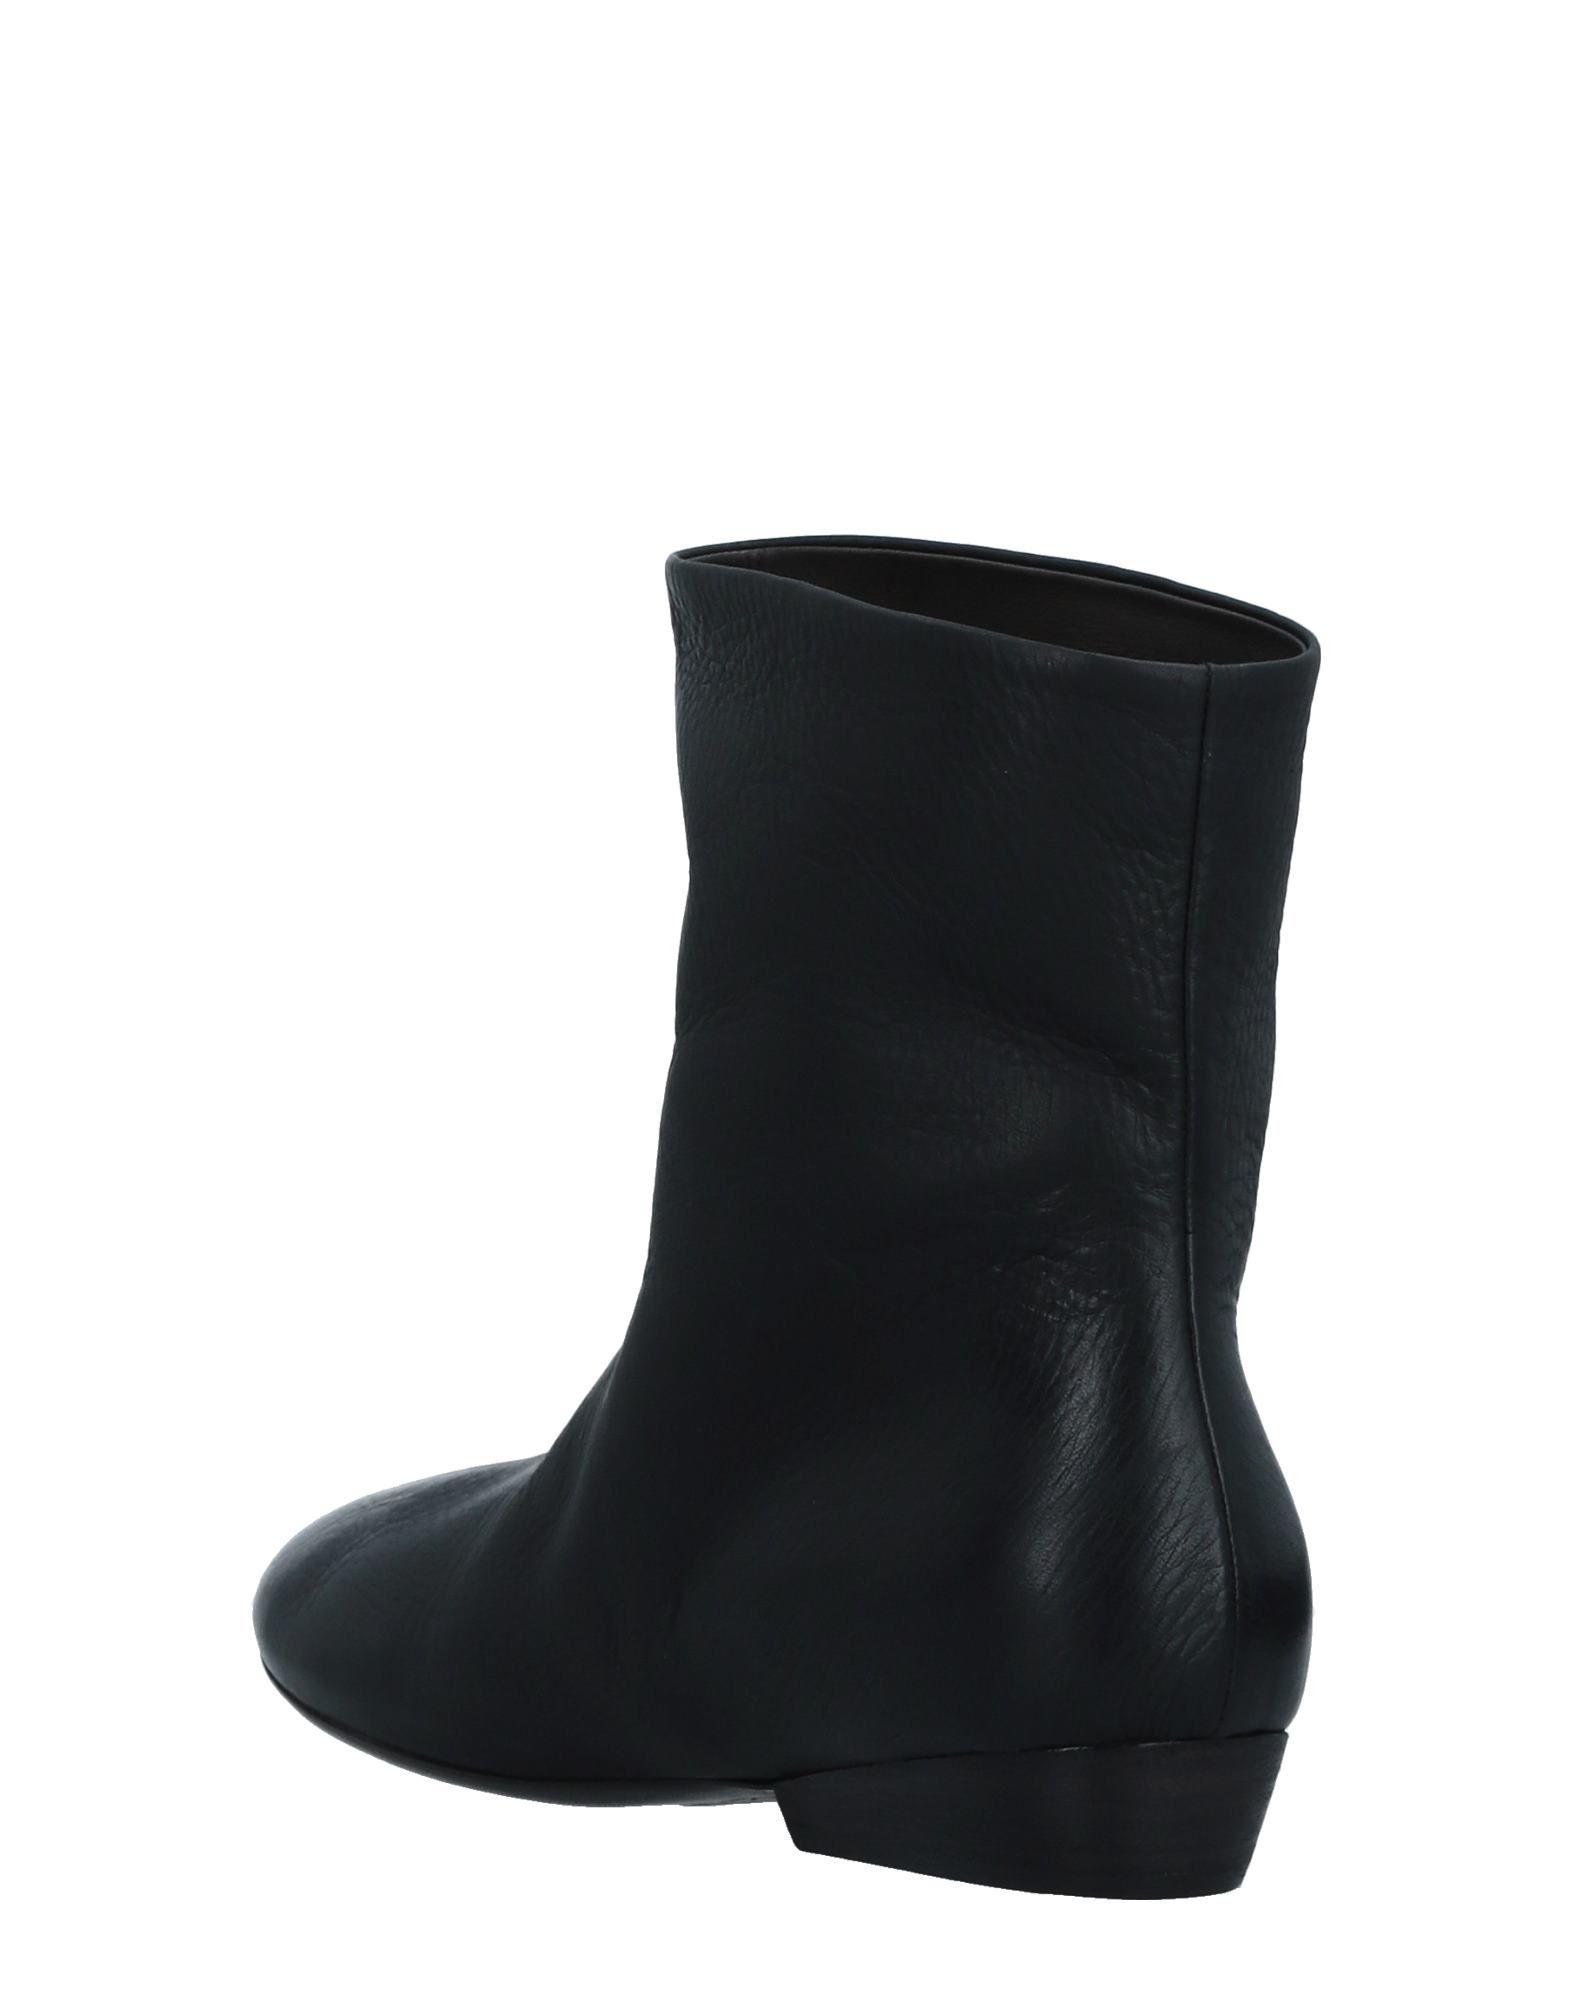 Marsèll Stiefelette Damen  11517138OPGünstige gut aussehende Schuhe